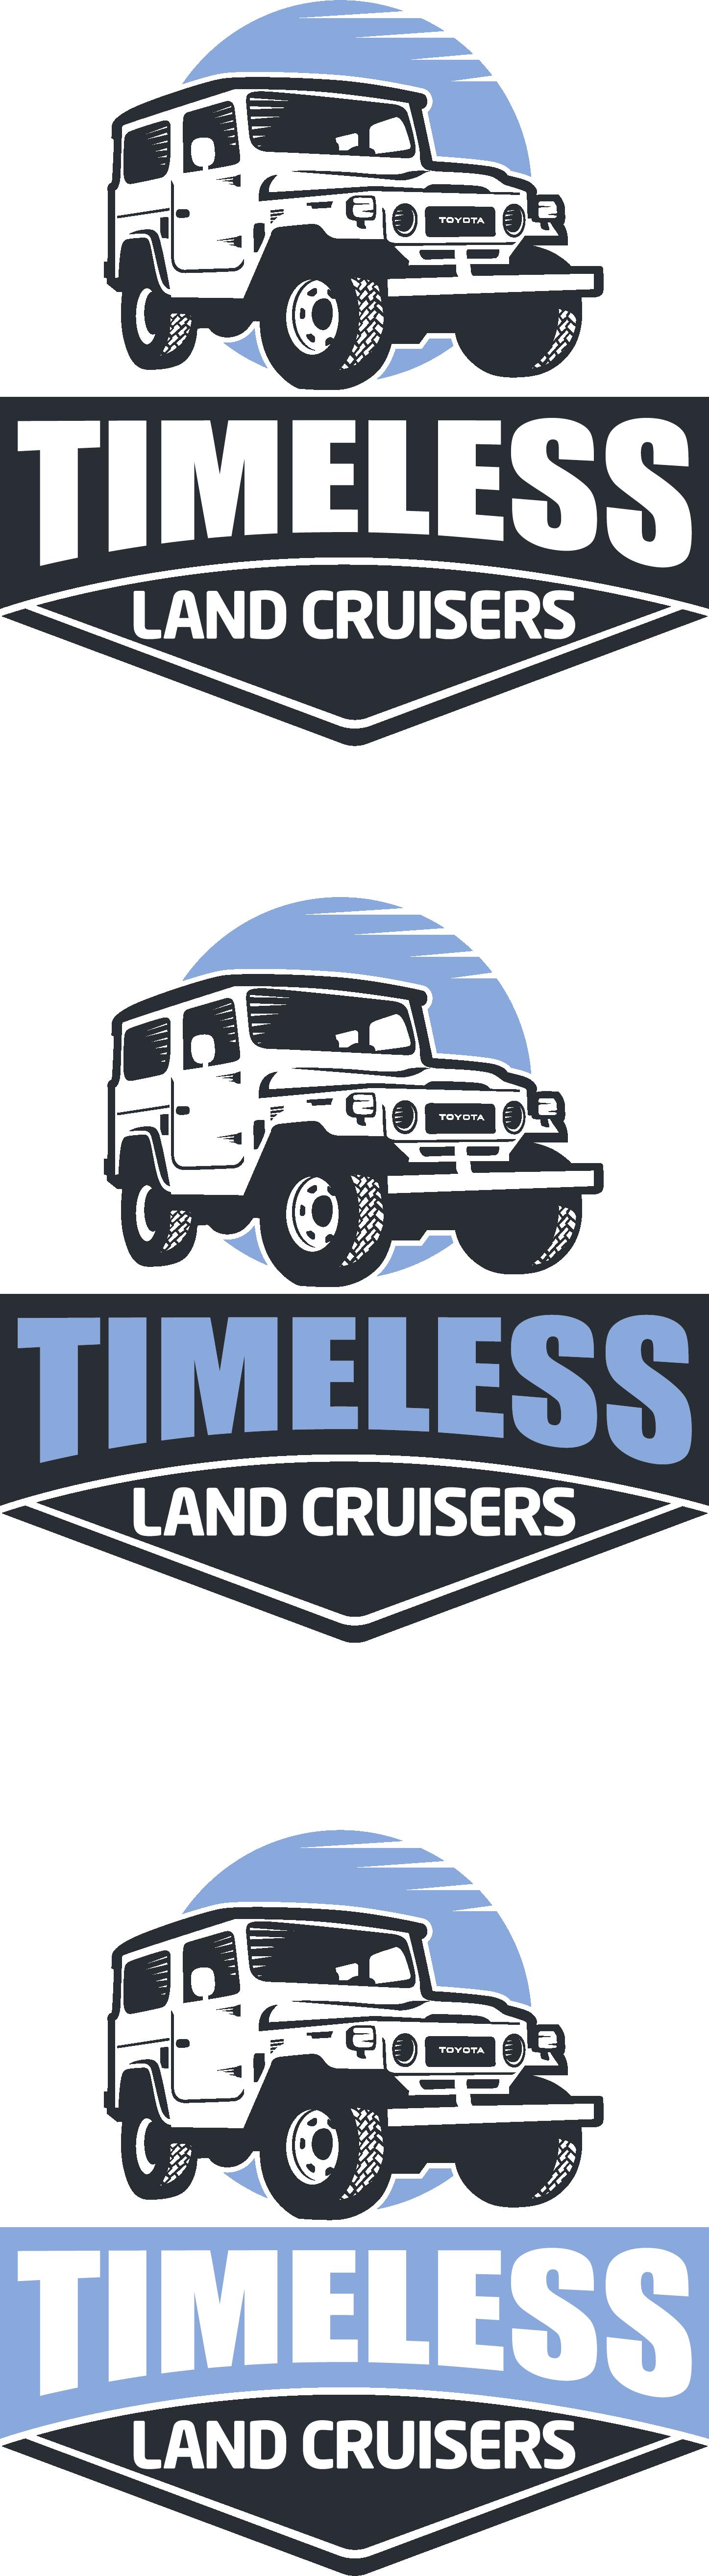 Design a logo for vintage Land Cruiser sales.